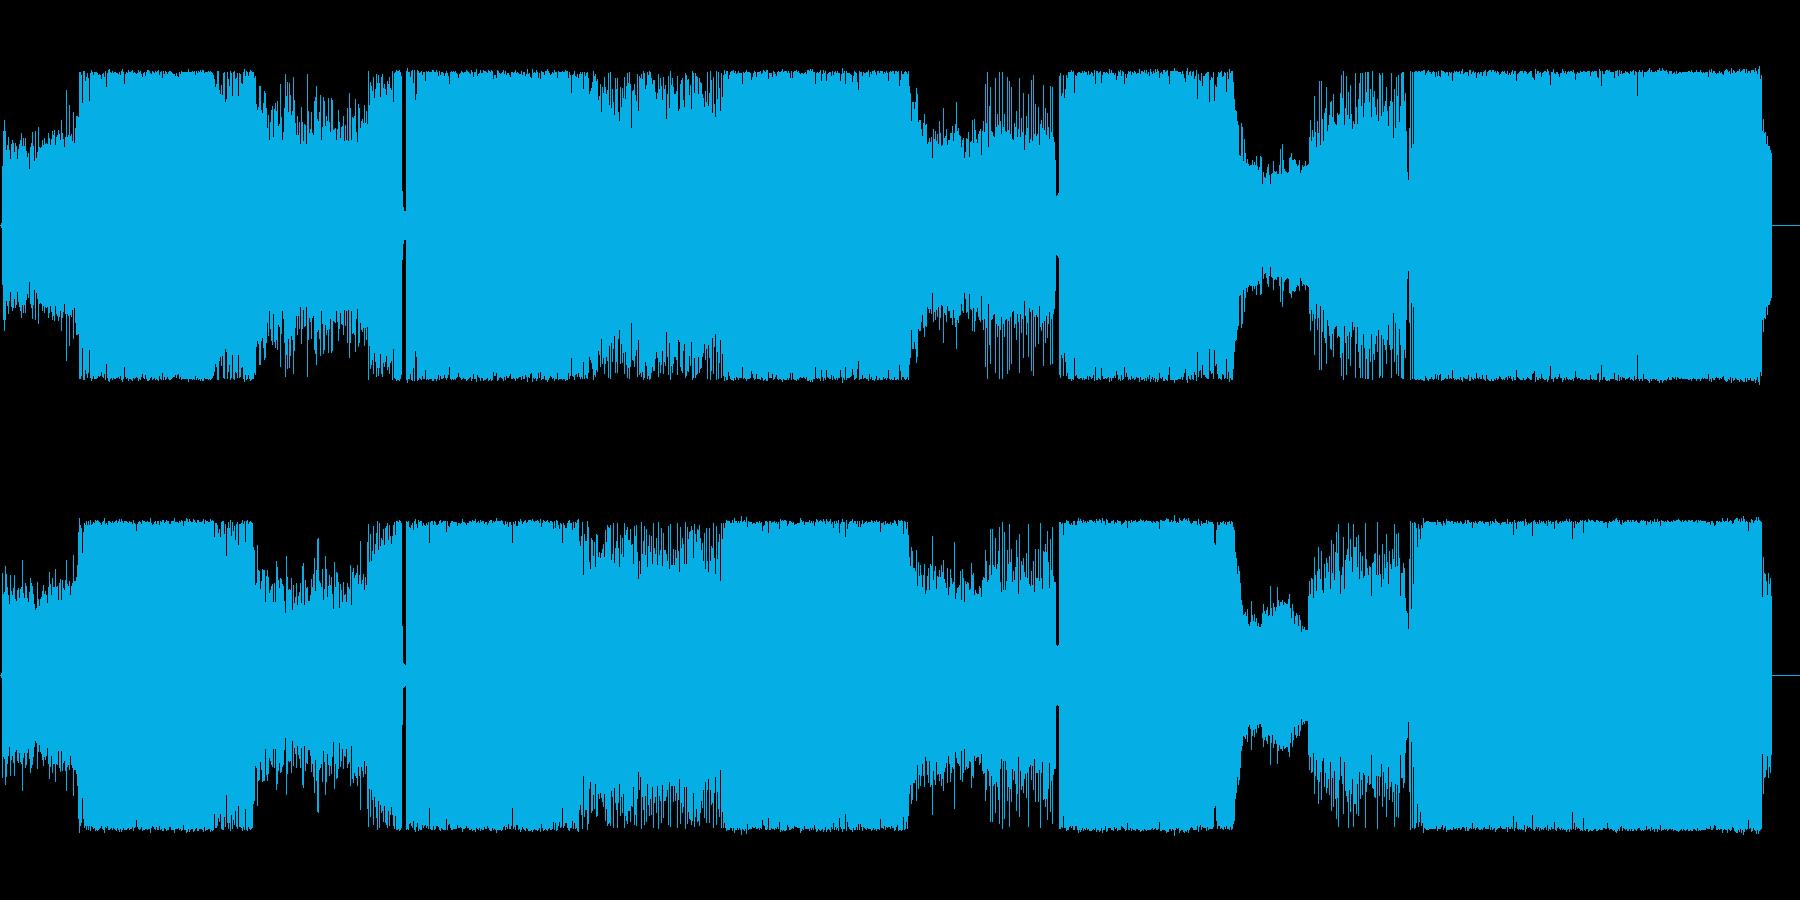 アニメやゲームに合うデジタルロックの再生済みの波形